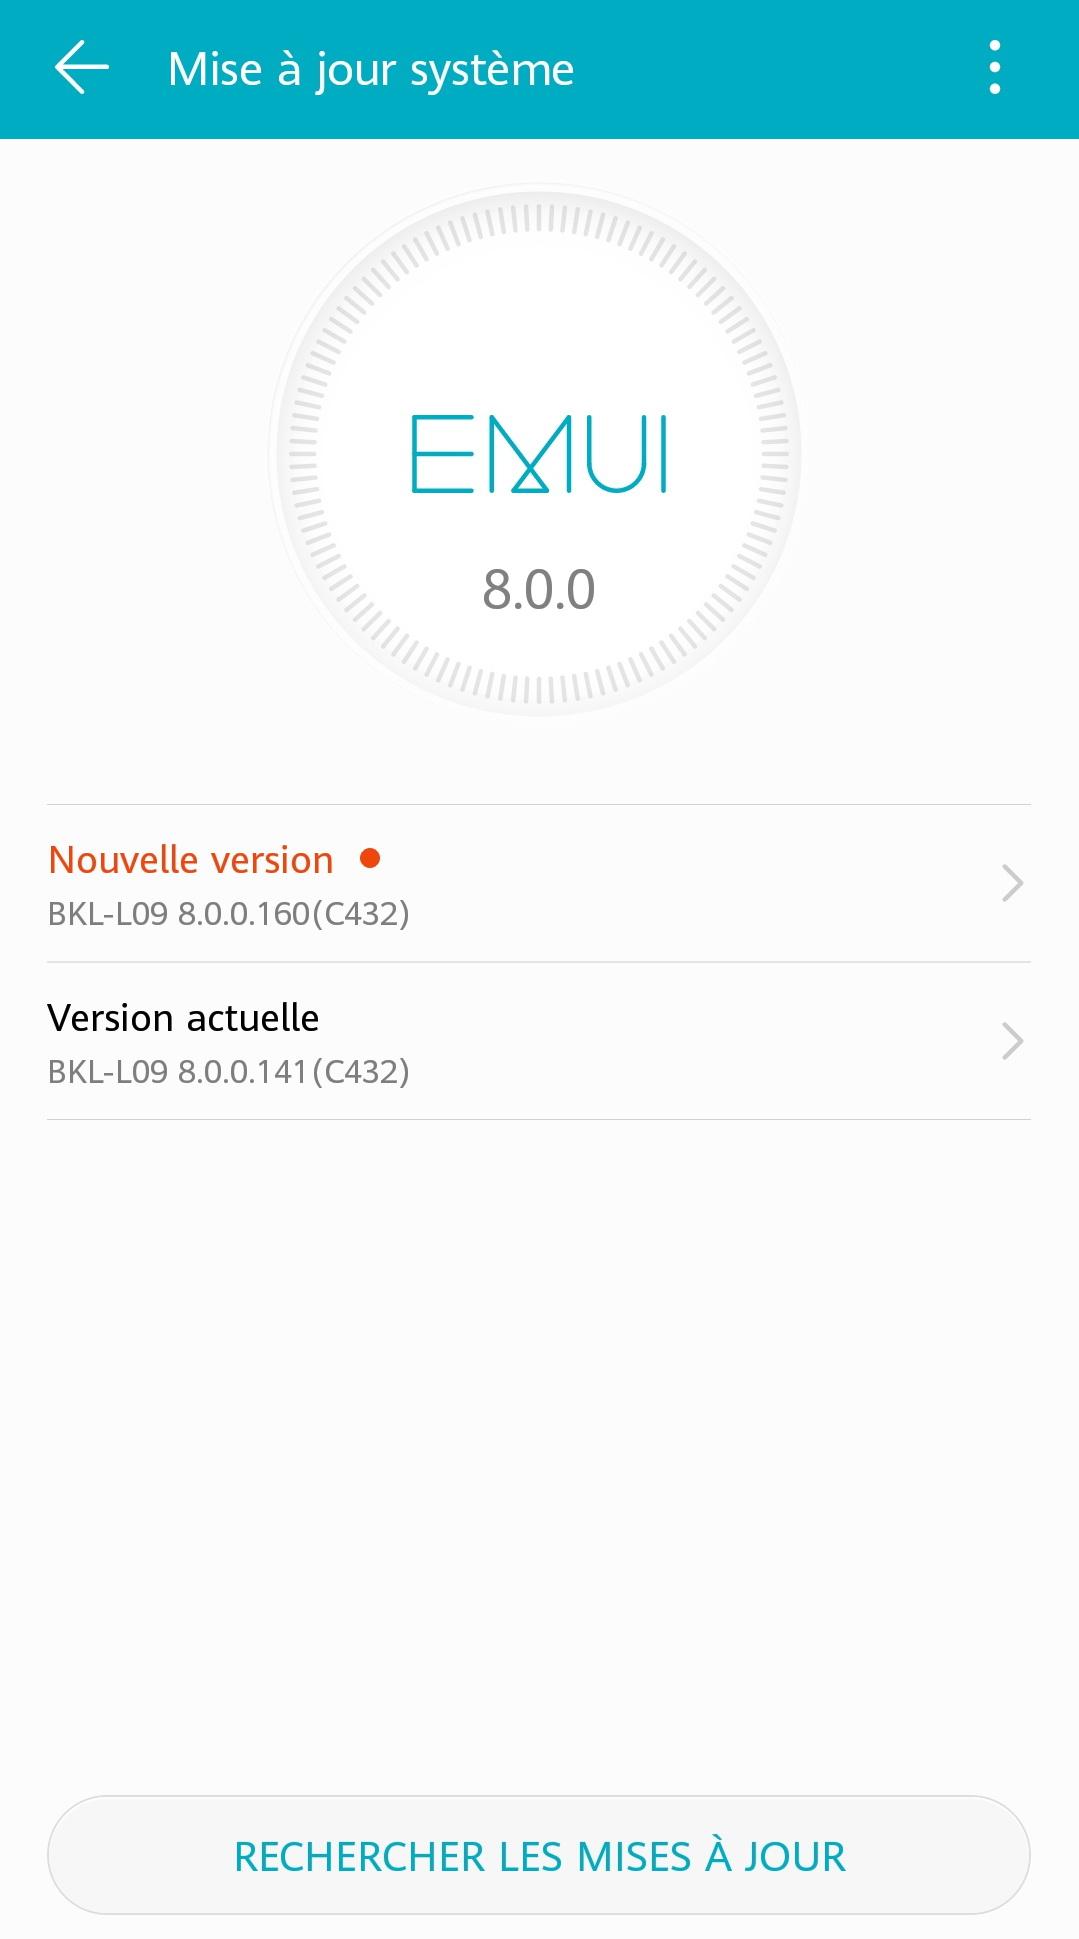 BKL-L09 8.0.0.160(C432)(1)